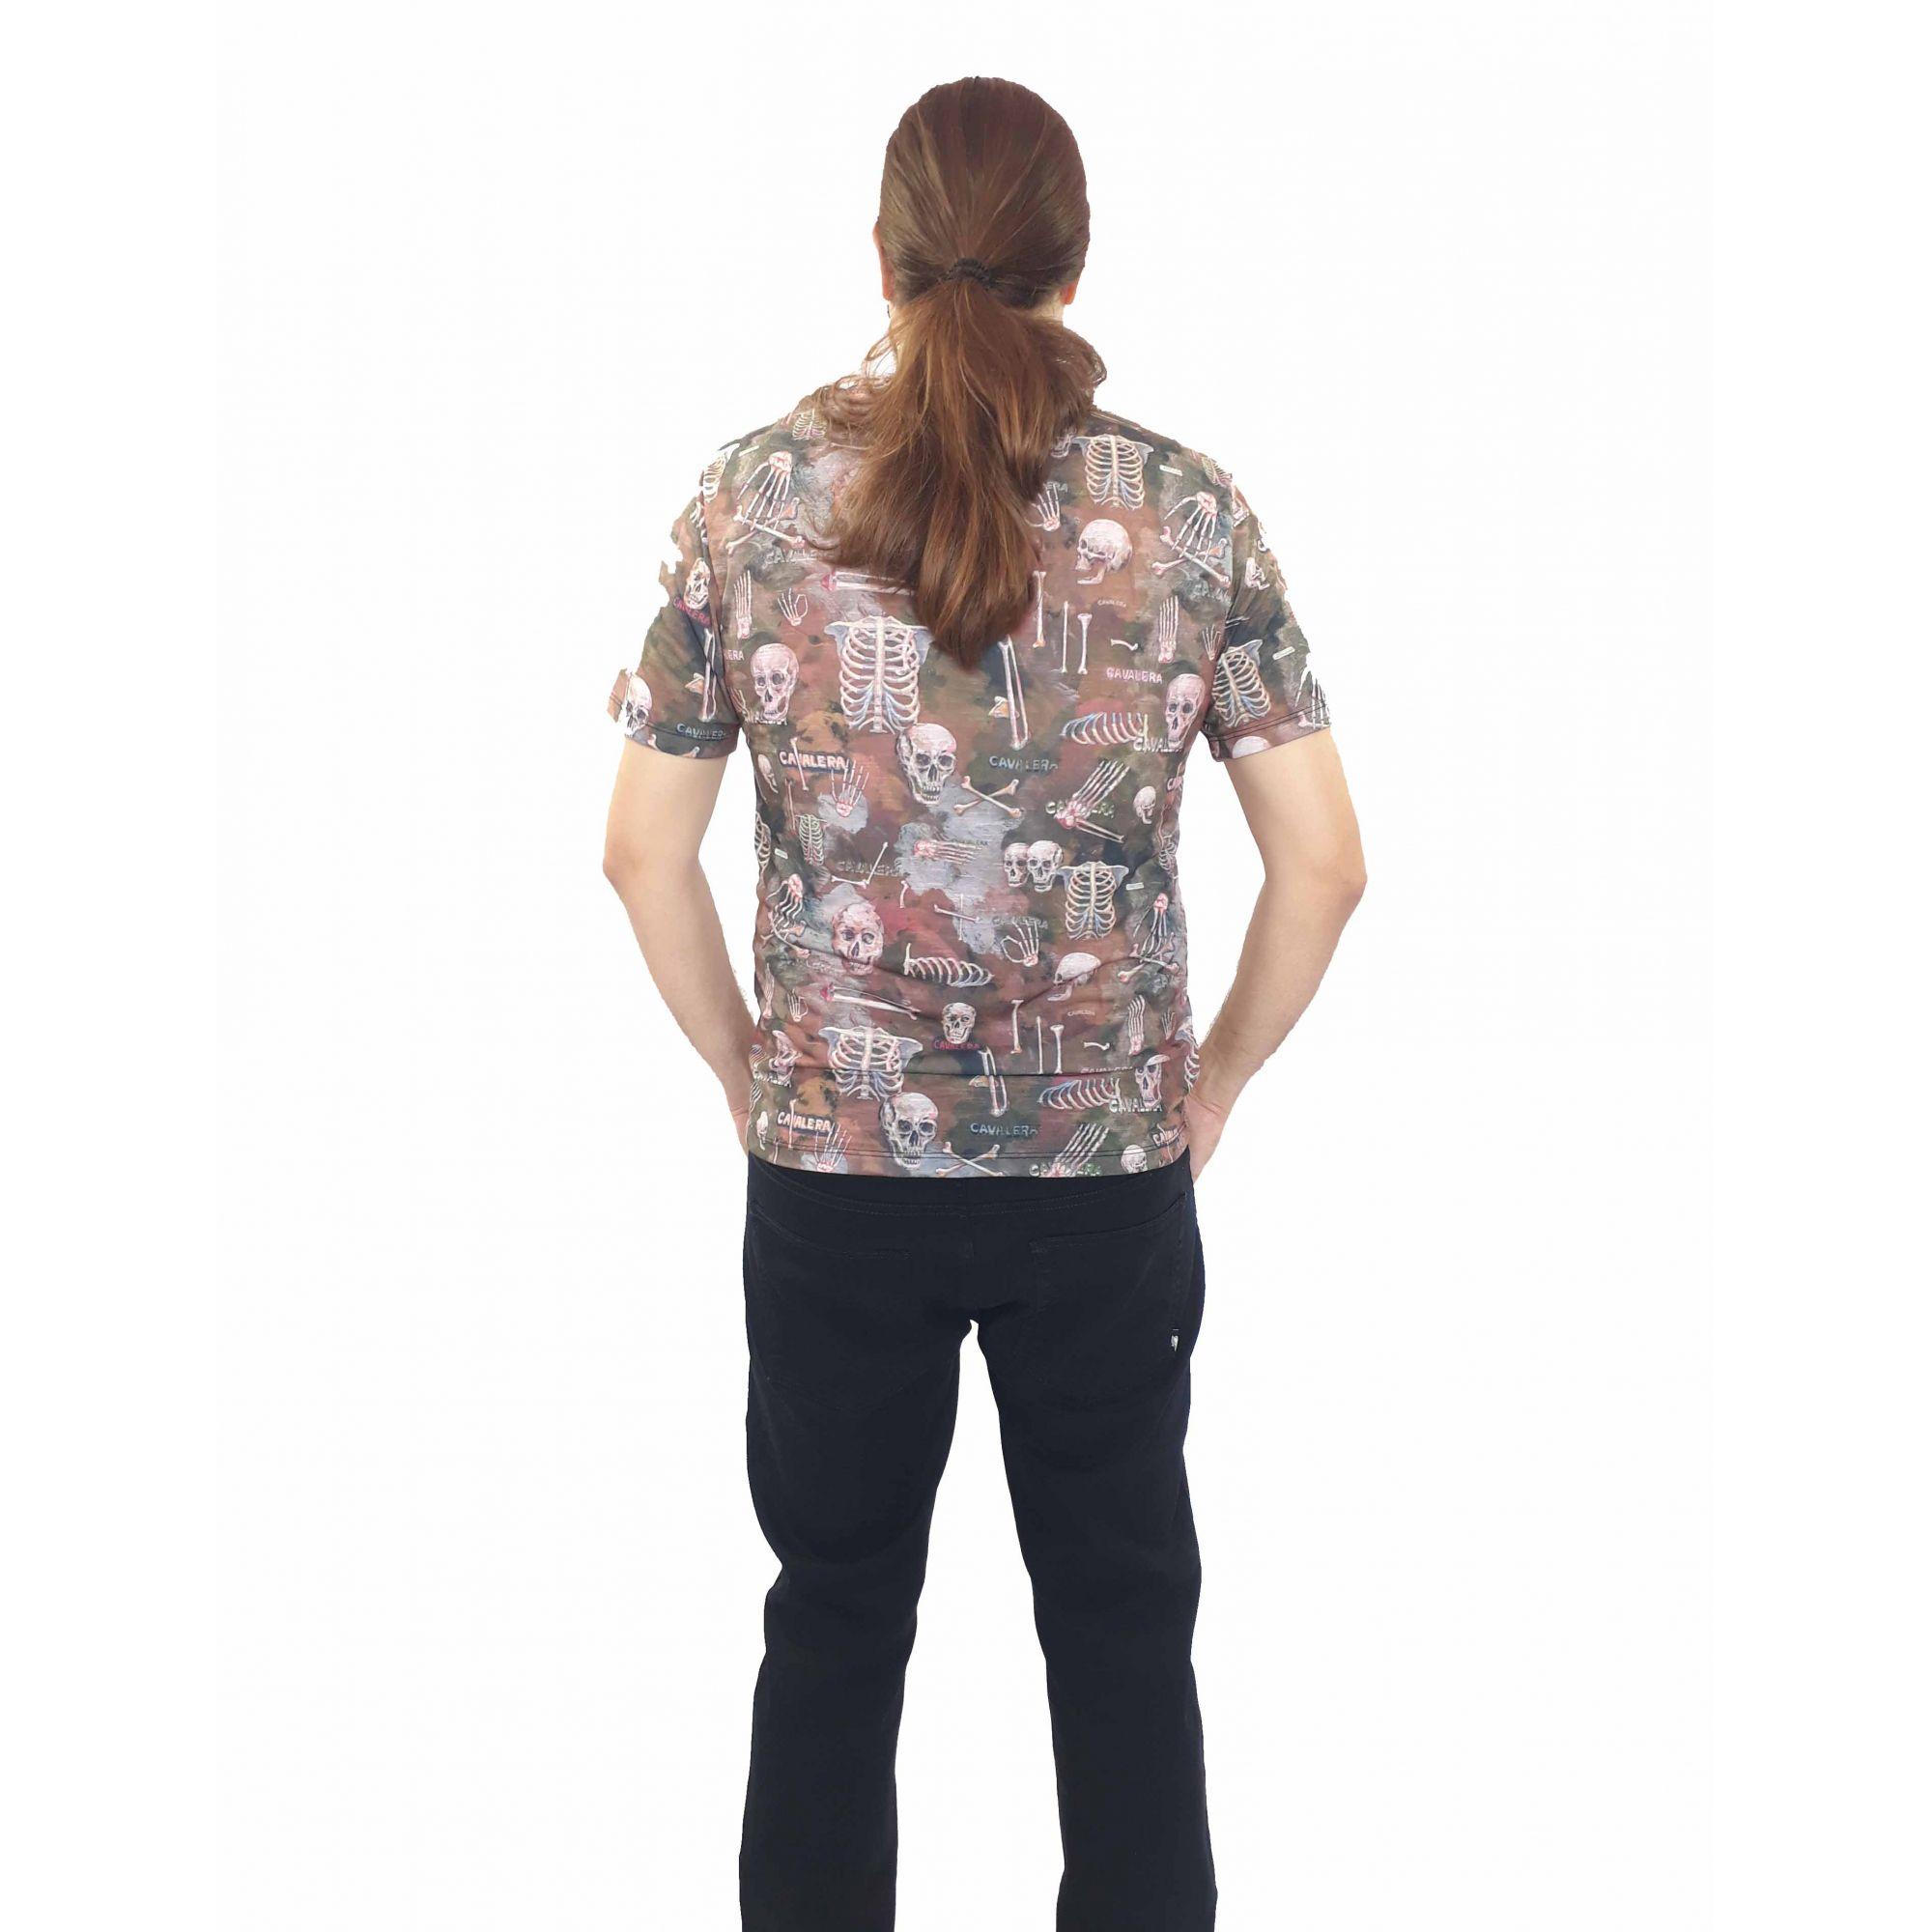 Camiseta Cavalera Masculina Esqueleto Estampada